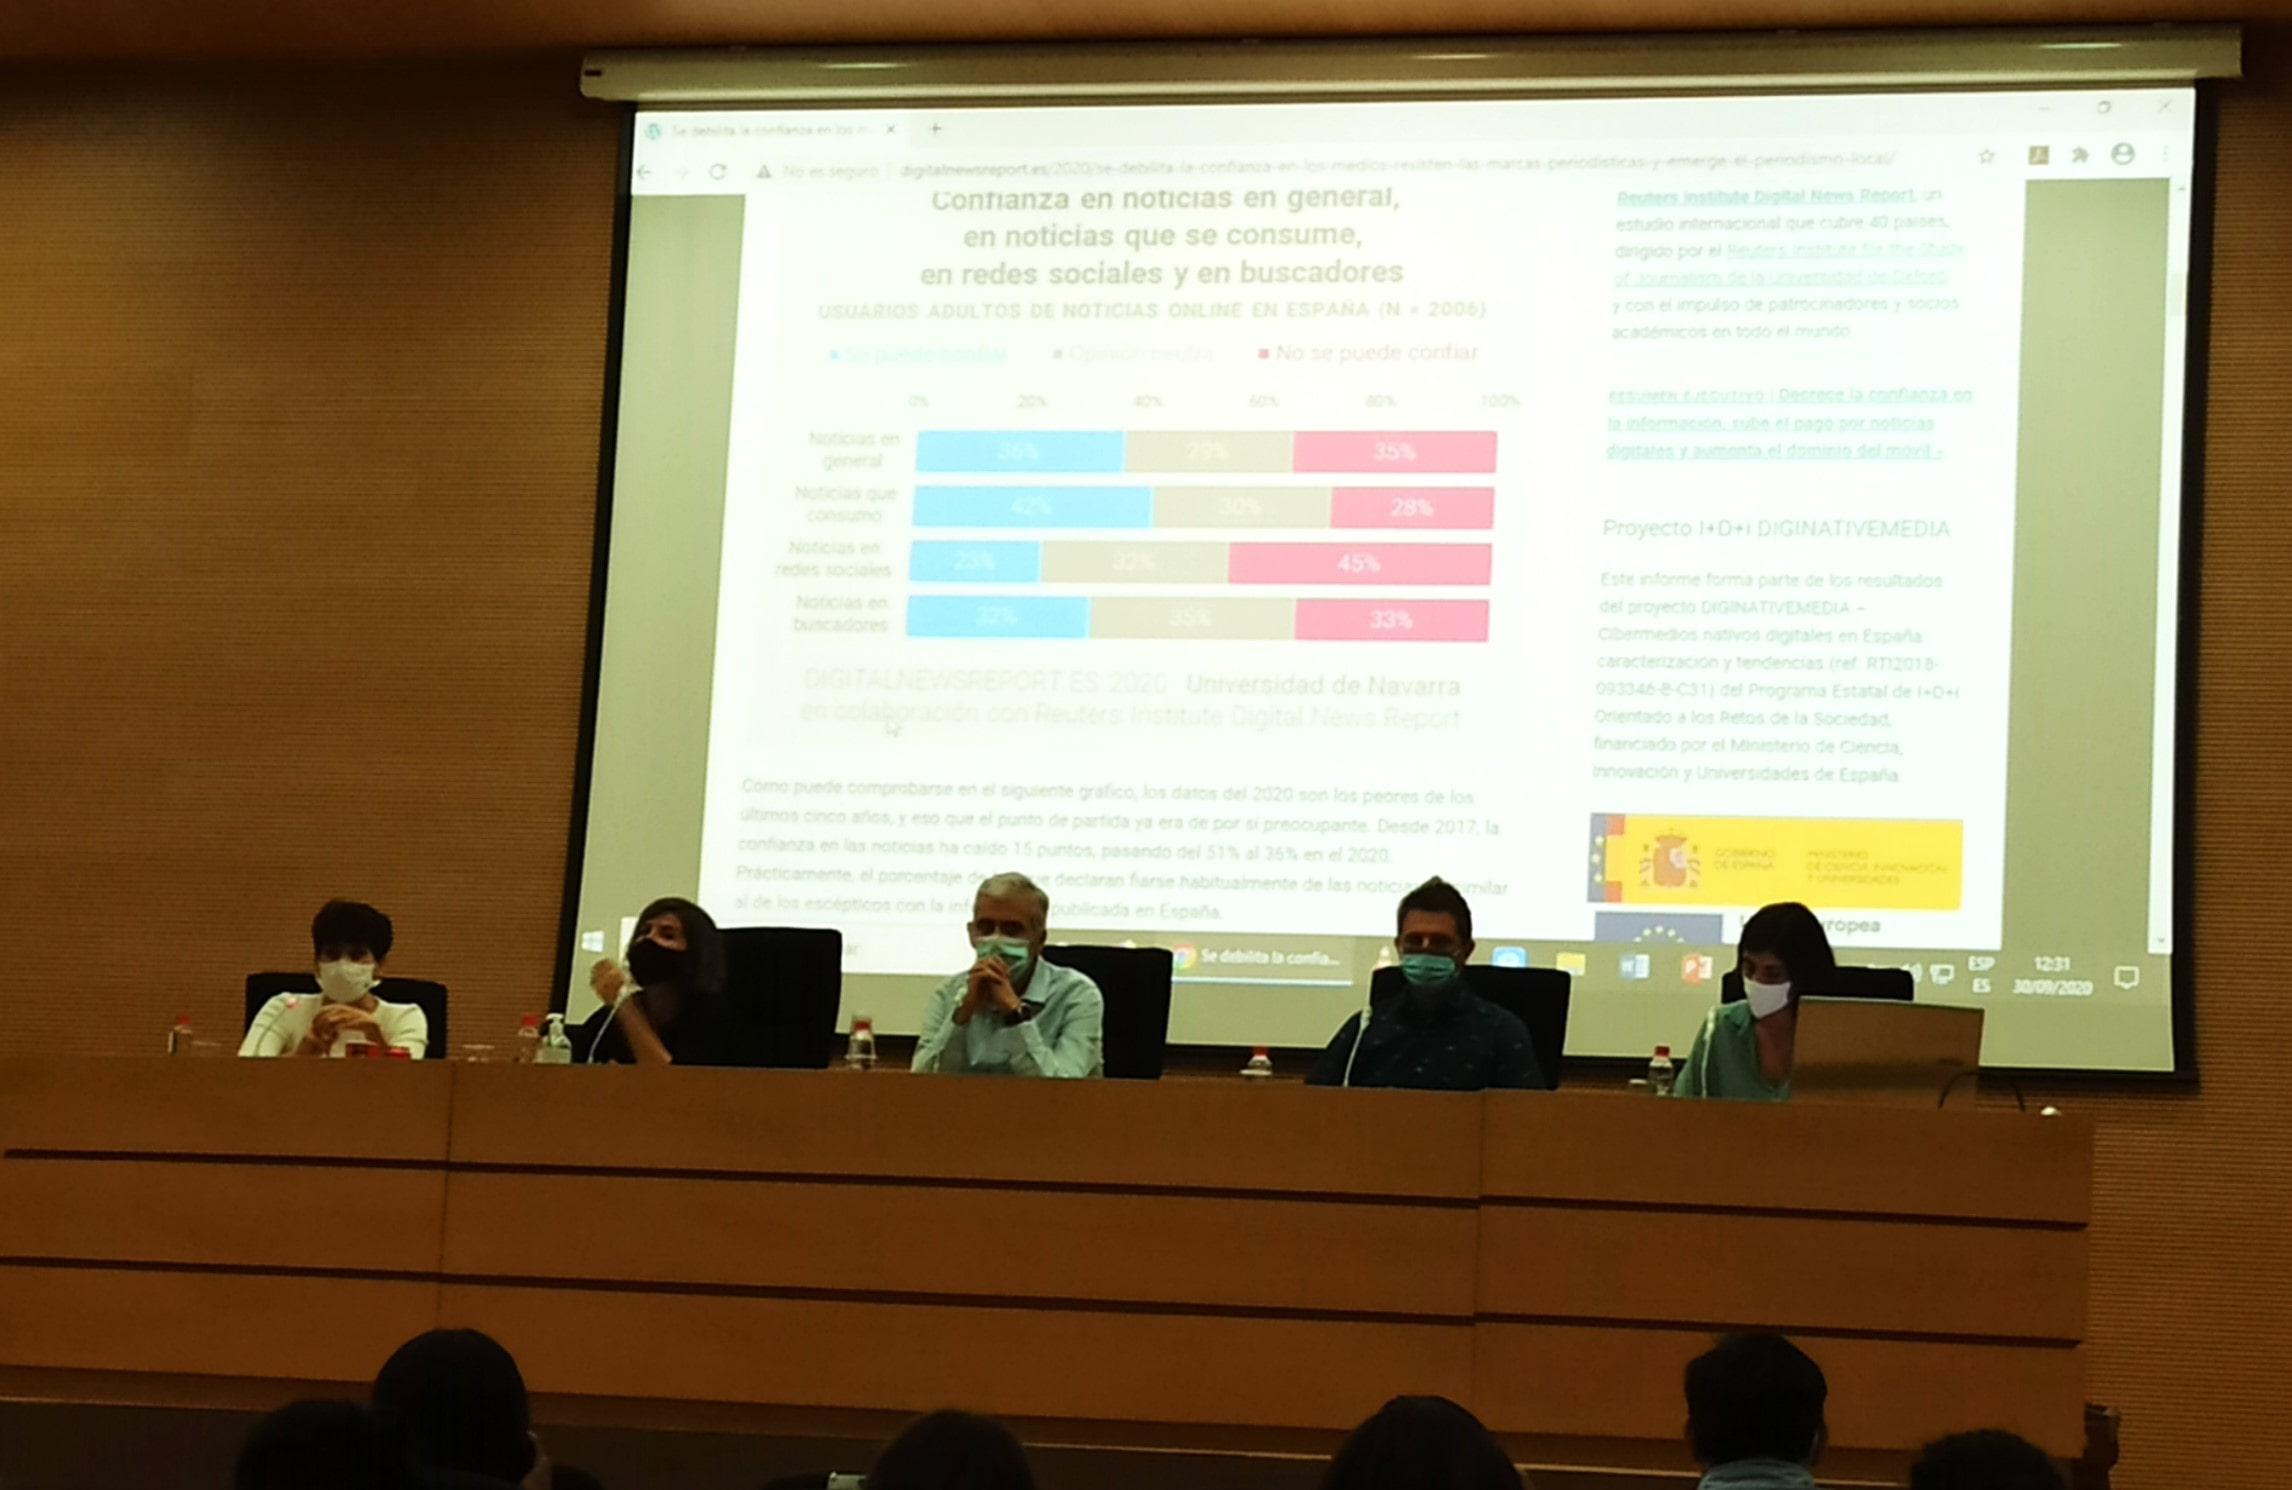 La segunda mesa formada por Mº Jesús Espinosa de los Monteros, Eva Lamarca, Luís Calero y Raquel Ejerique.